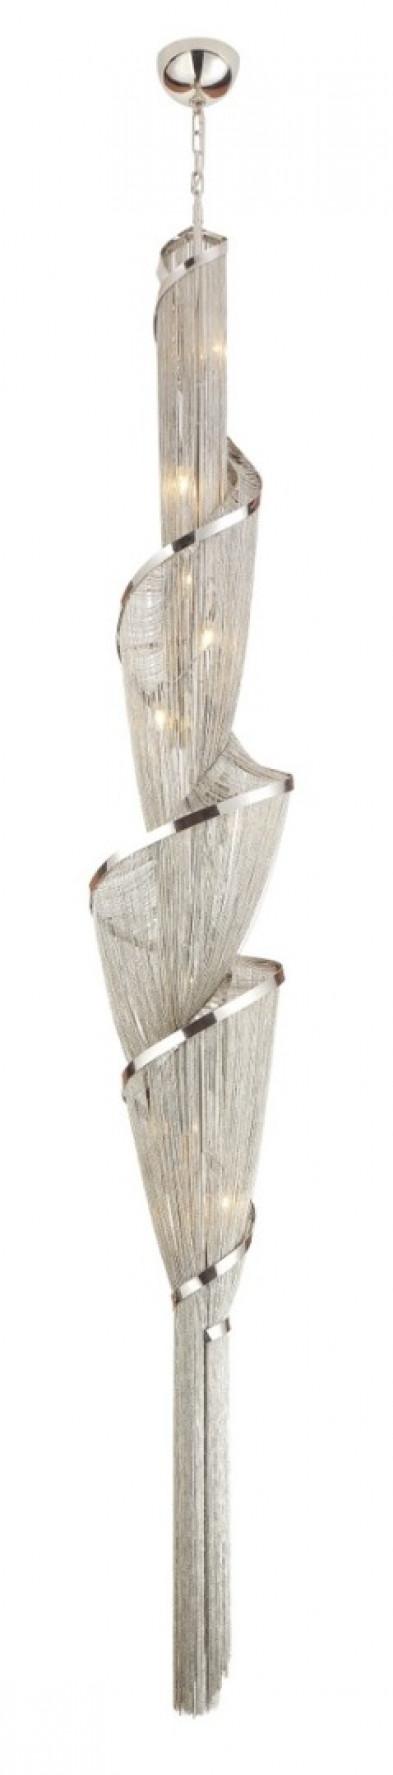 Люстра каскад Crystal Lux ROME SP10 D350